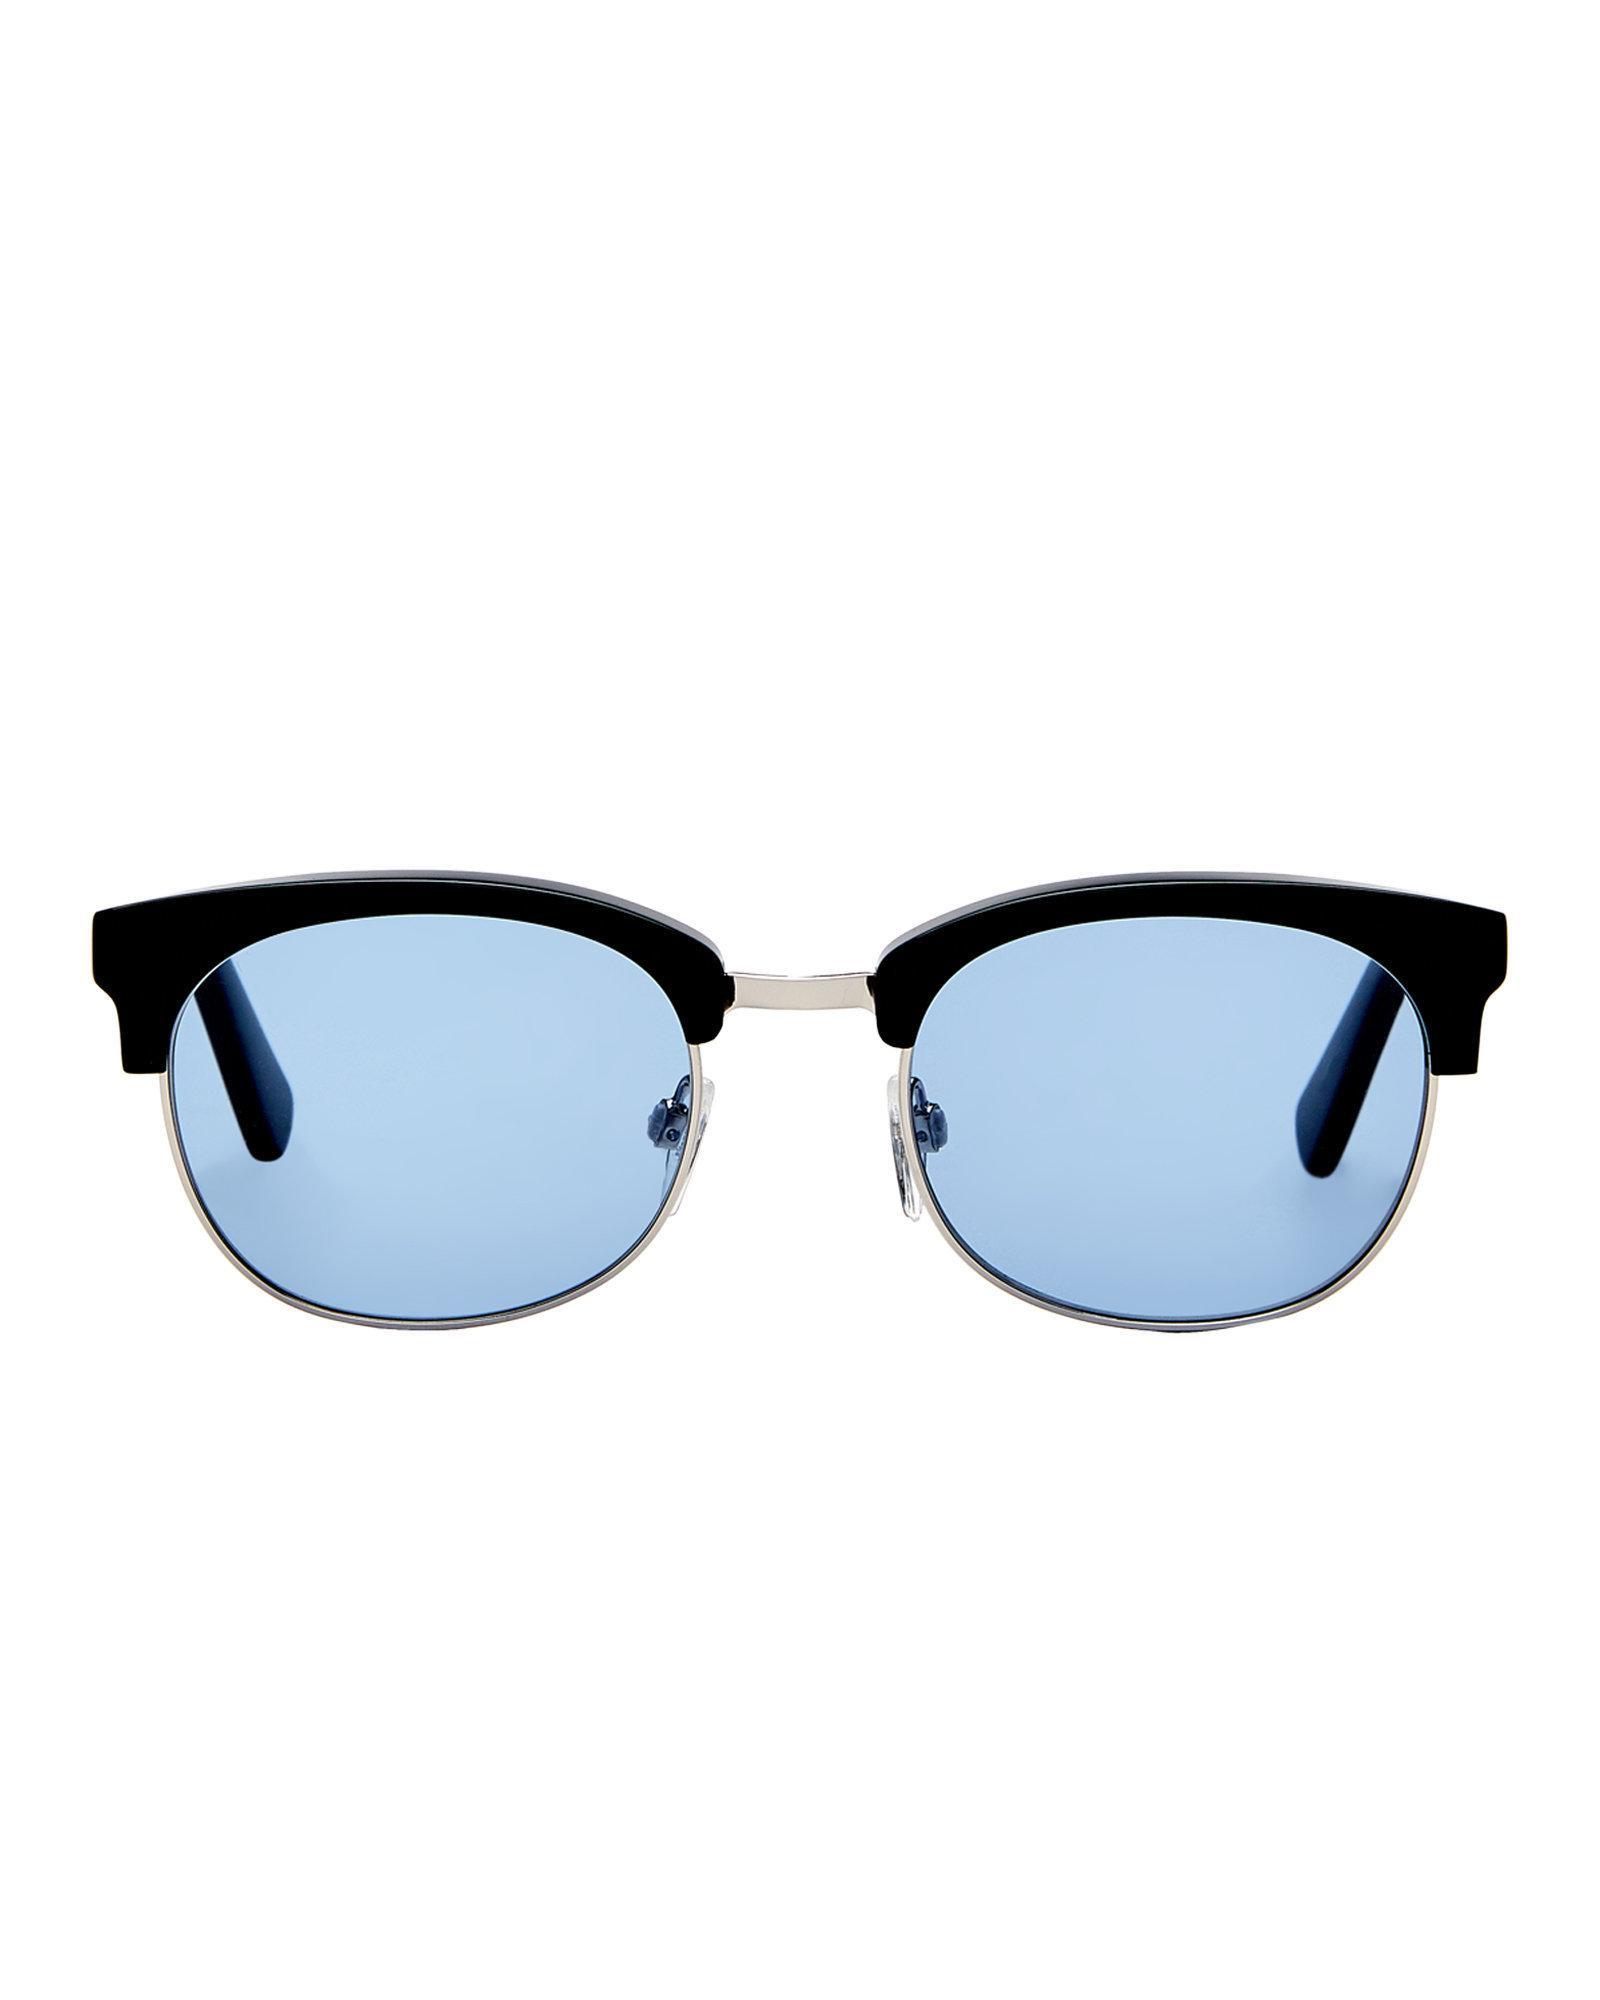 e915251c55d Lyst - Just Cavalli Jc778s Black Wayfarer Sunglasses in Black for Men